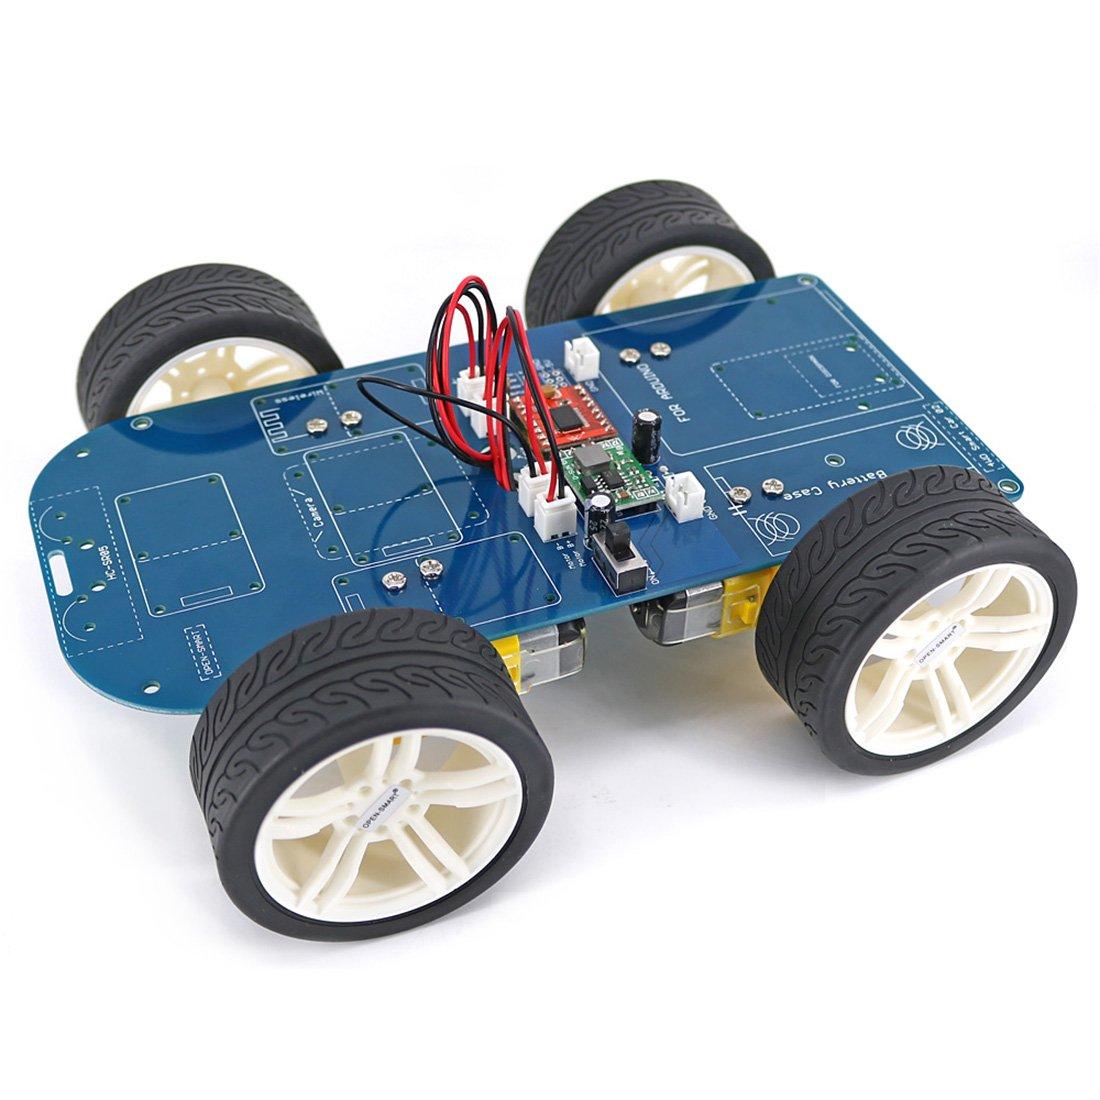 Mecotech Tracci/ón a Las Cuatro Ruedas Bluetooth Inteligente Chasis Kit Motor de Engranajes UNO R3 Nano Suite Elegante Debajo Para Arduino